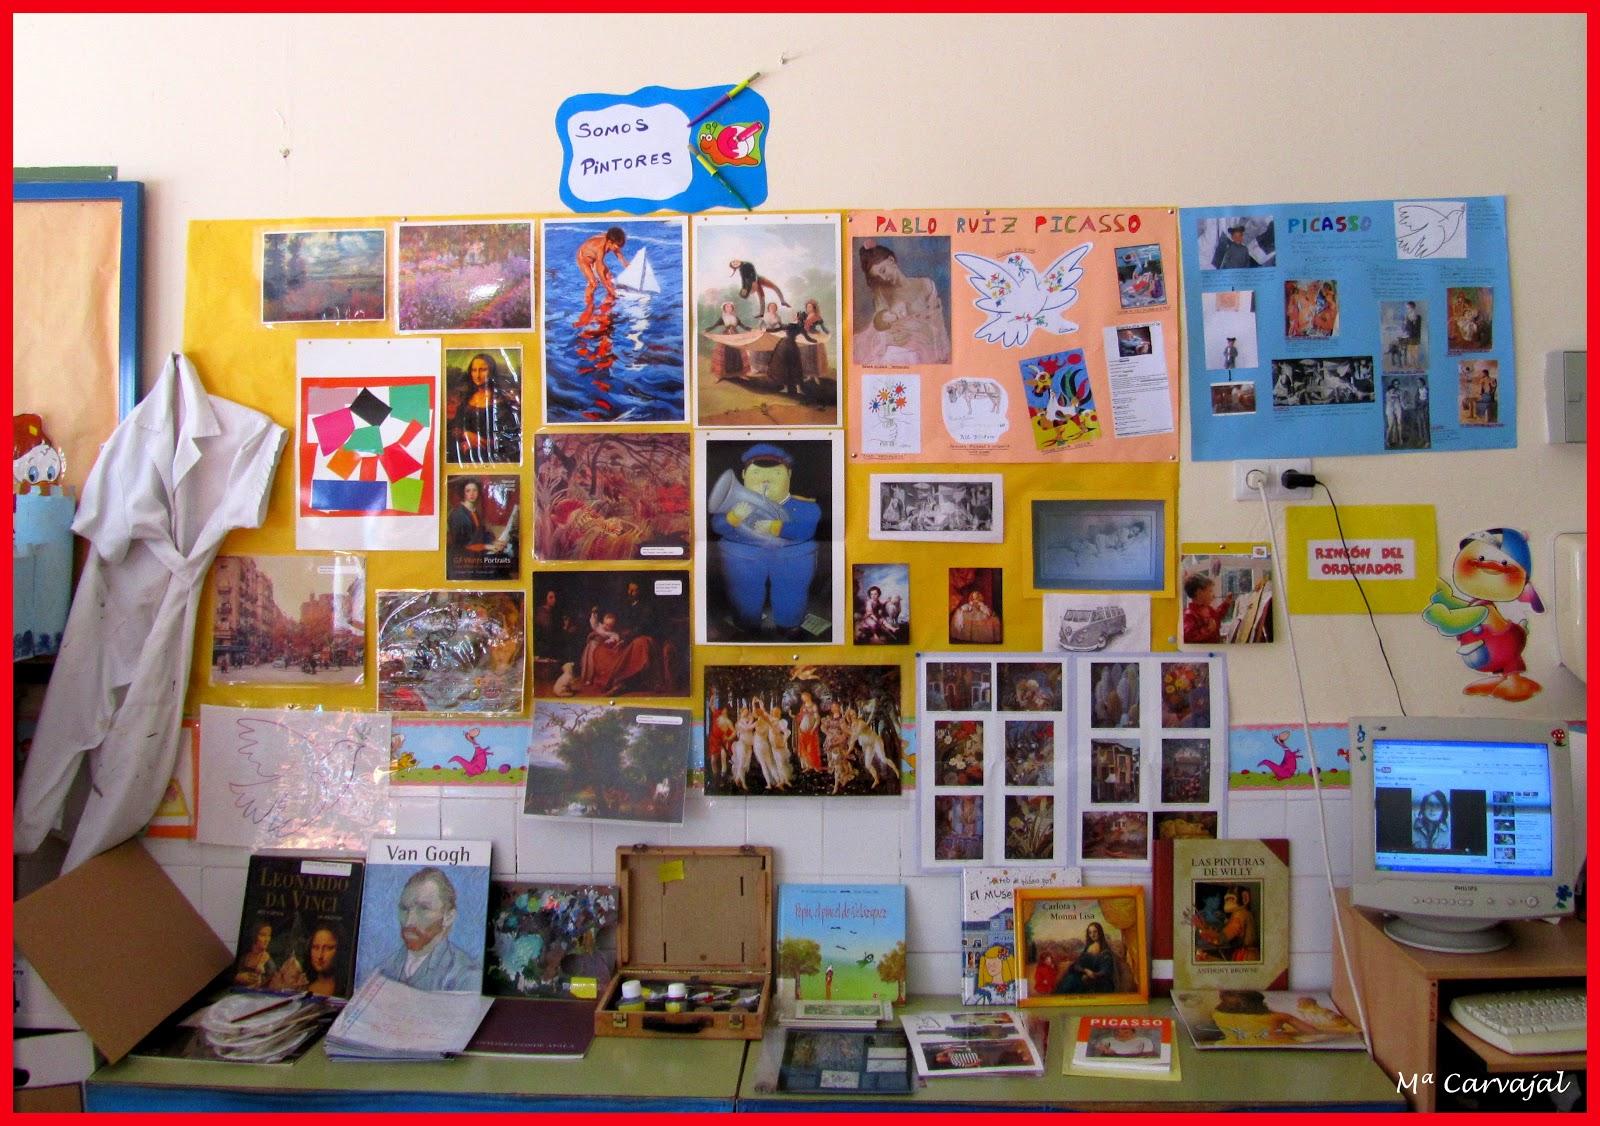 Yo aprendo t aprendes proyecto de trabajo somos pintores for Trabajo para pintores